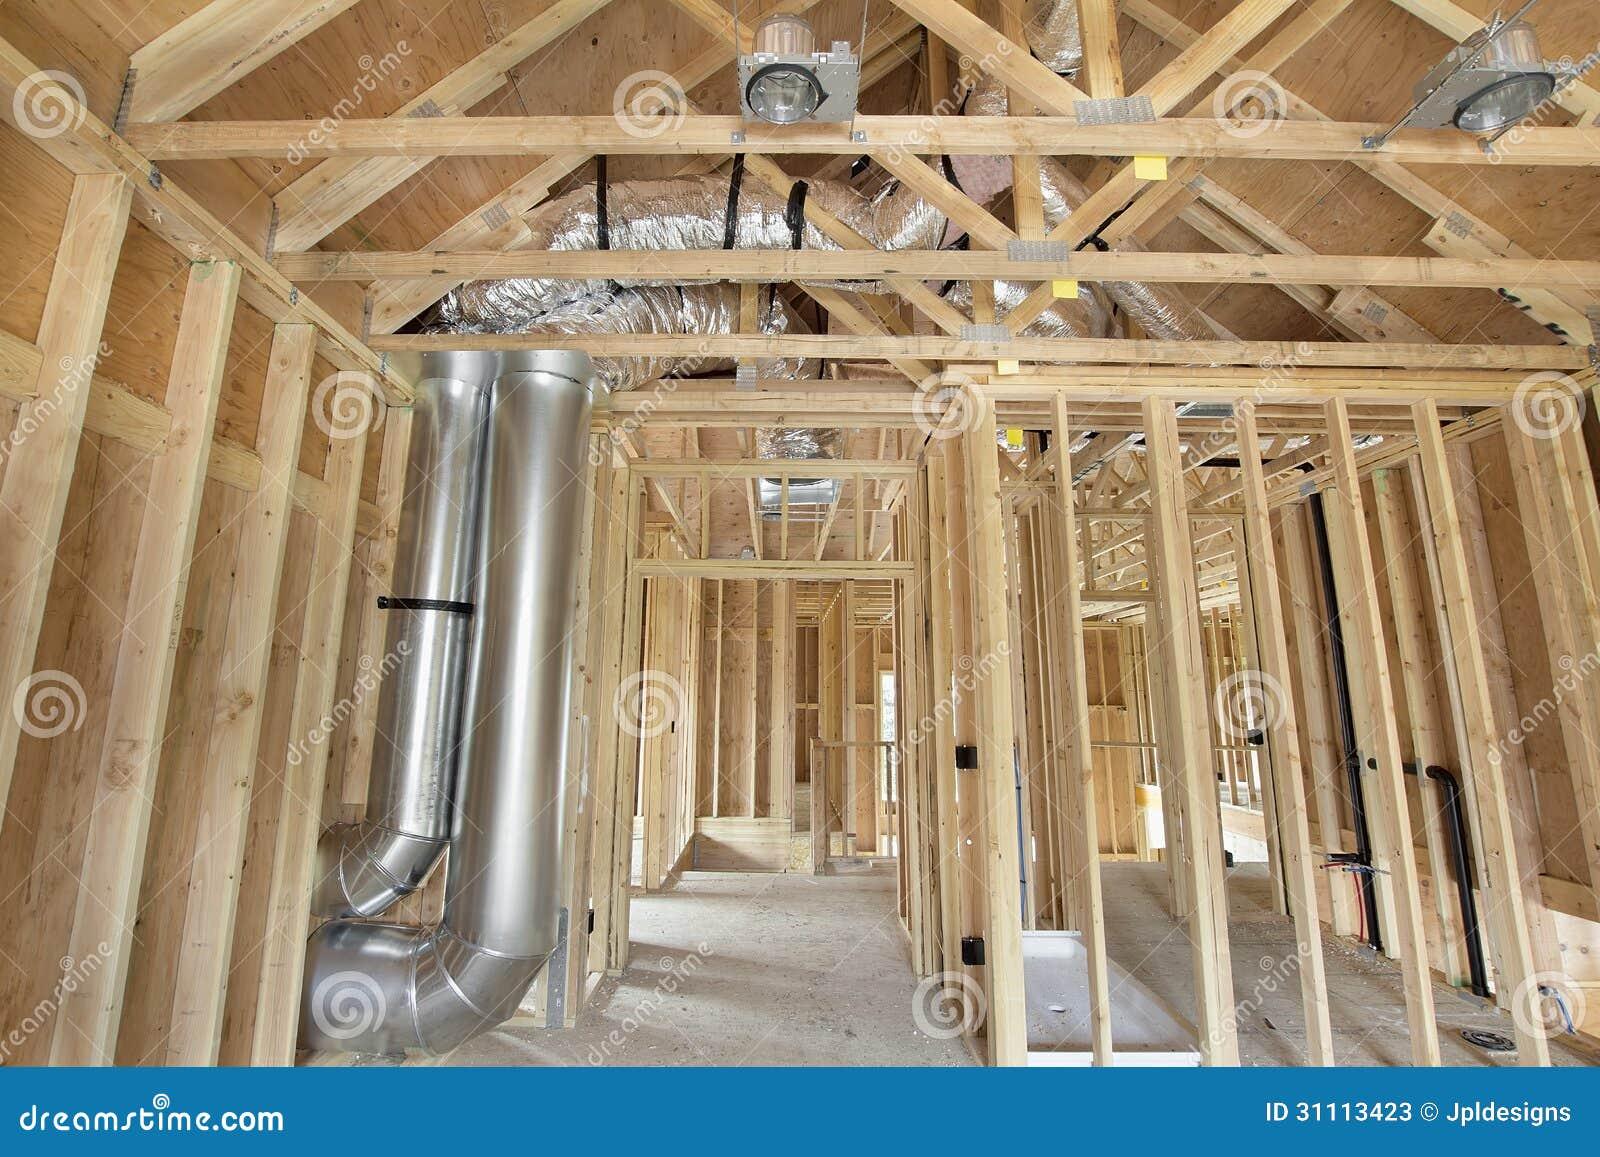 Вентиляция в сип доме своими руками фото 252